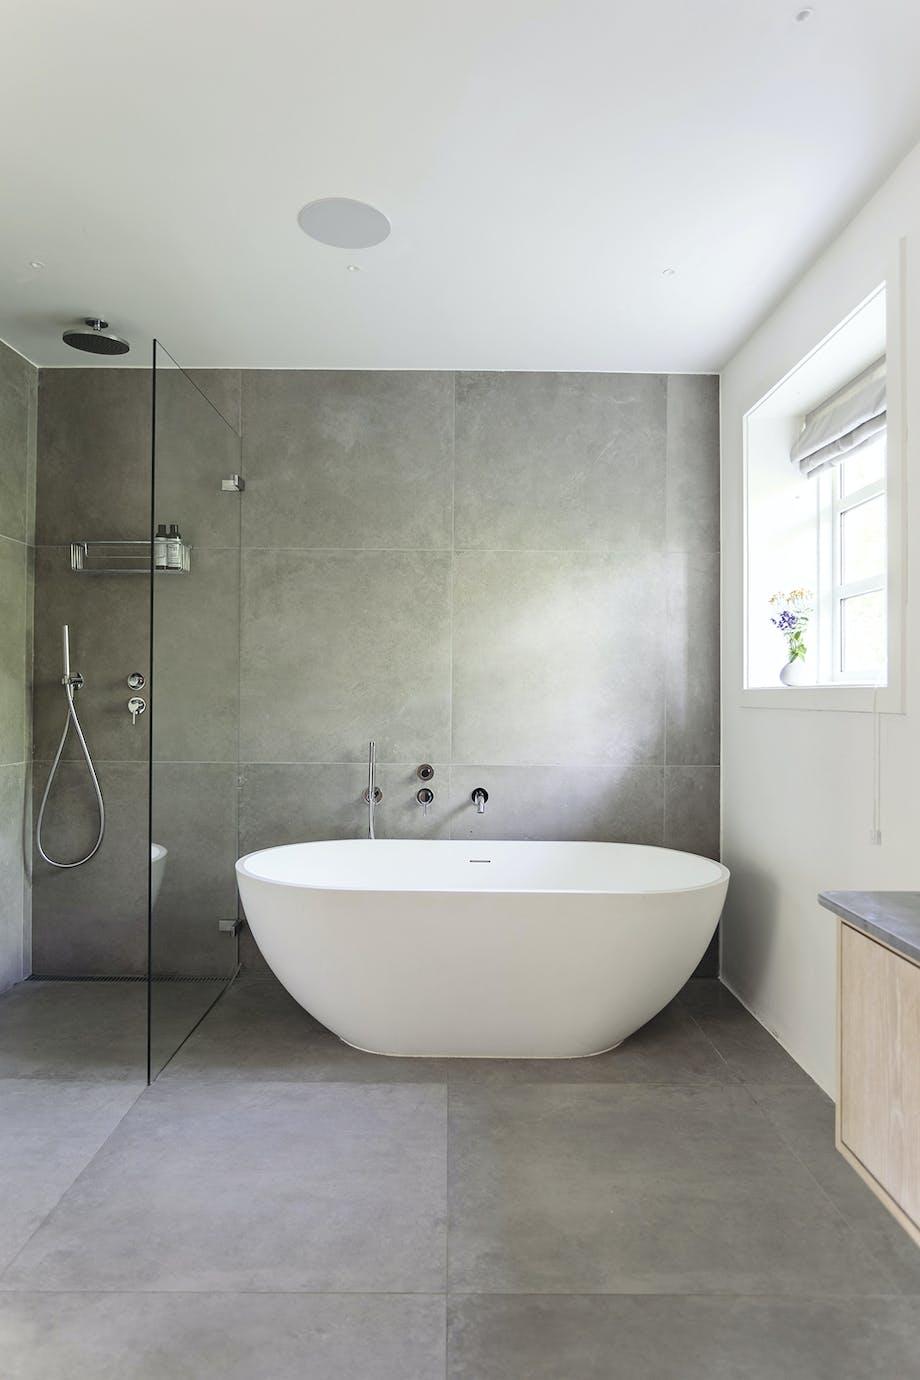 Badeværelse bad badekar